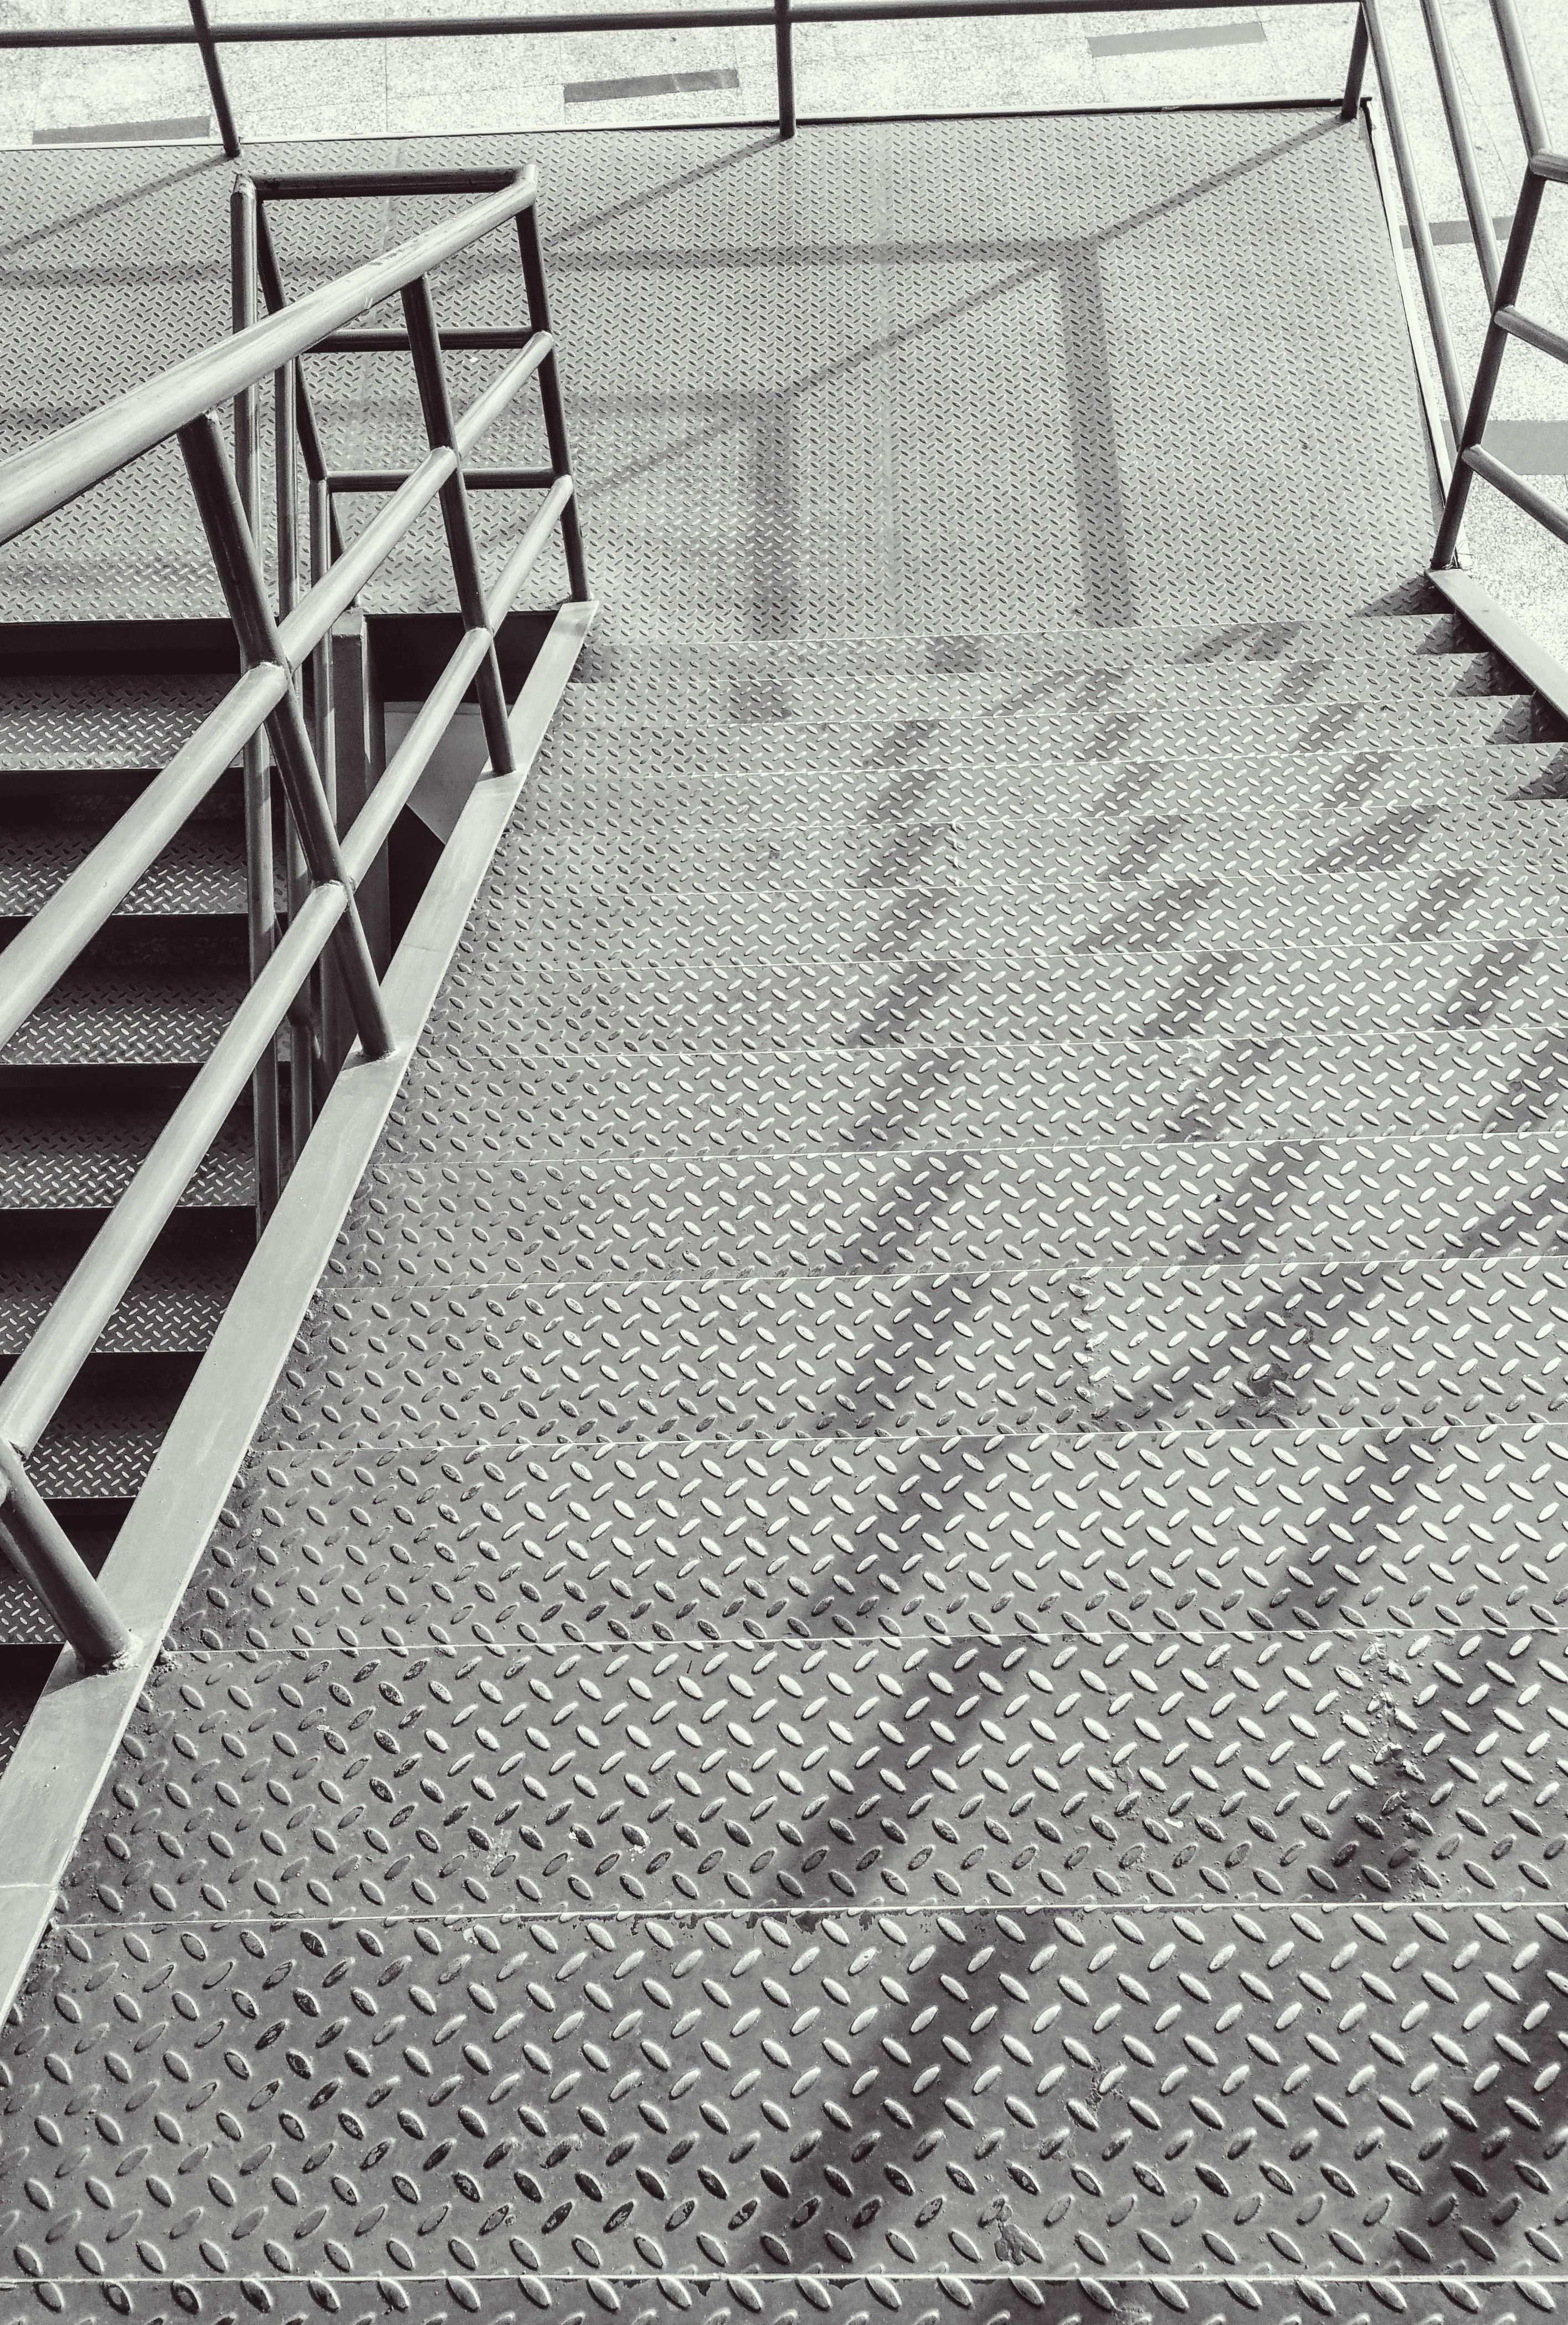 Treppe Strukturbleche Trannenblech Warzenblech Riffelblech Photographer Digital Buggu From Pexels Riffelblech Blech Treppe